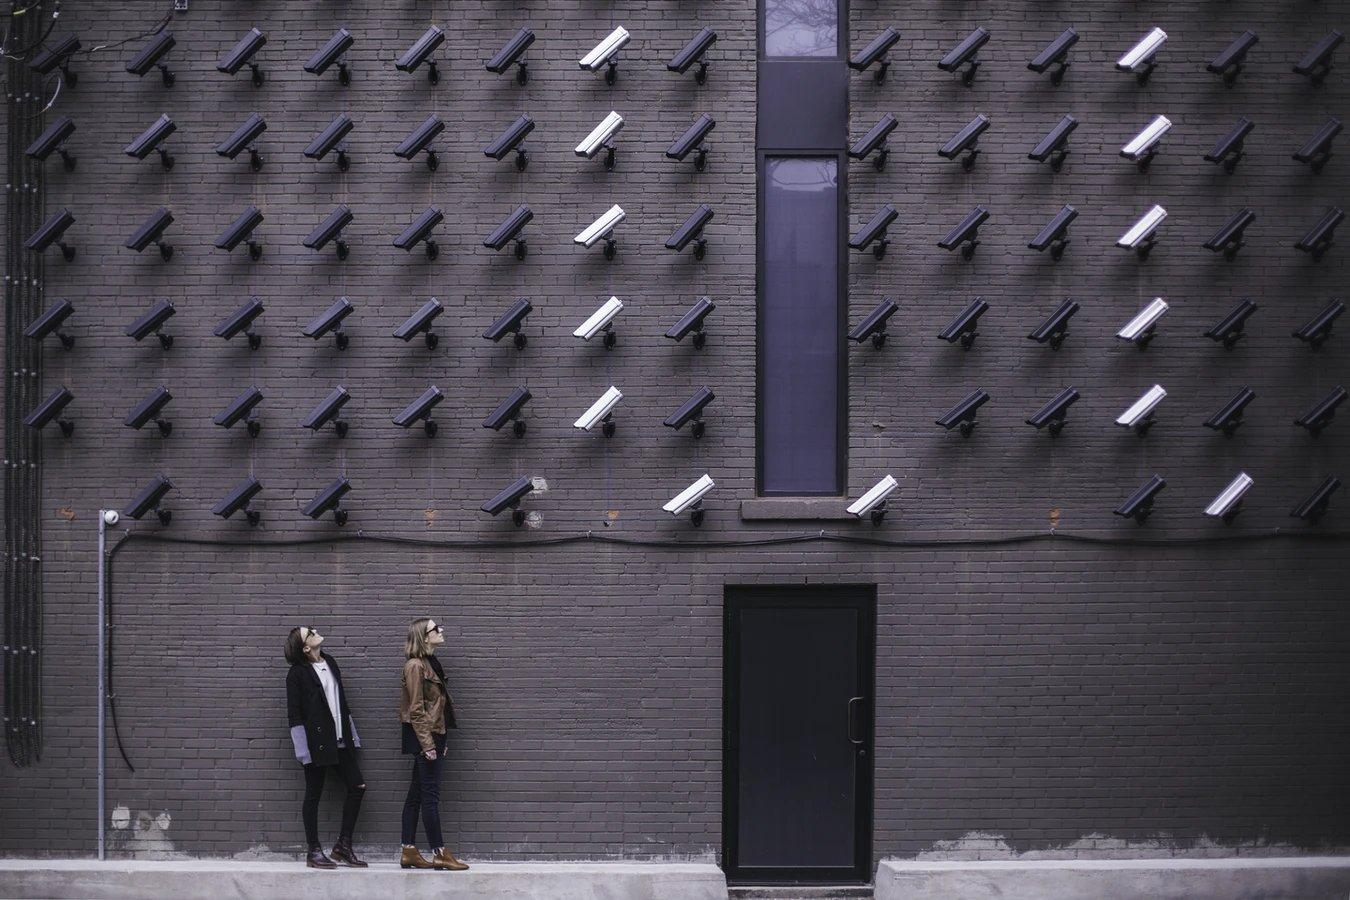 Privacidade online com pessoas a olhar para câmaras